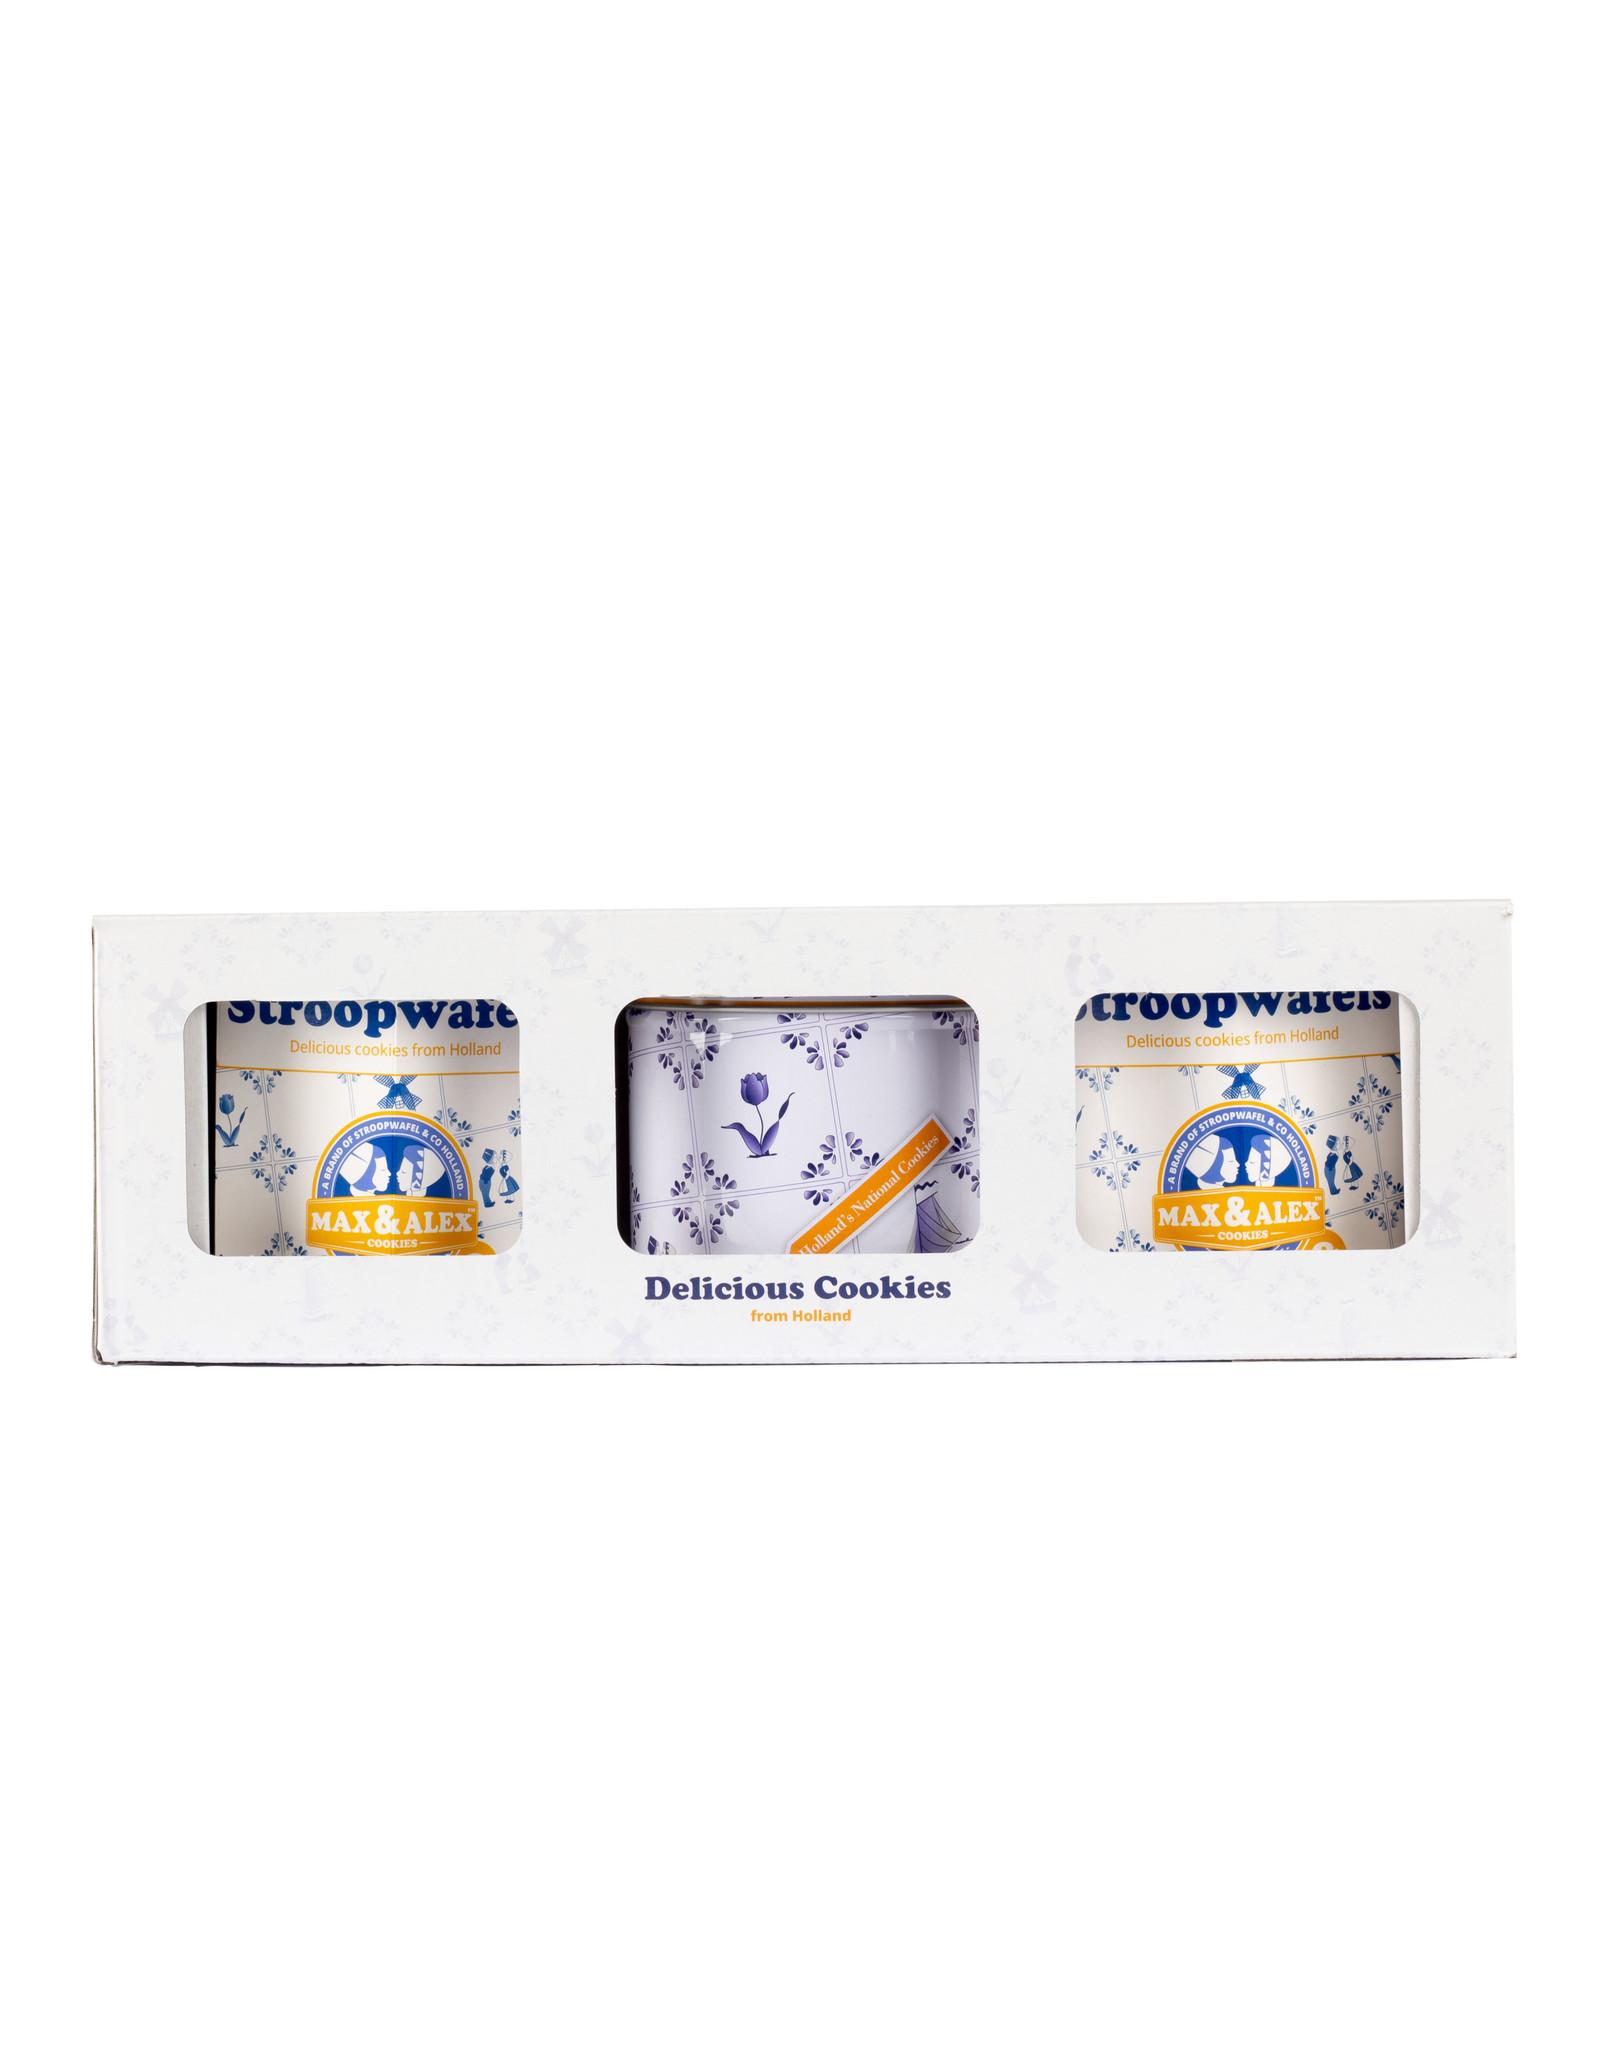 Max & Alex Max & Alex Giftbox Deluxe 2x Hexa + 1x Blik (3x 250 gram)